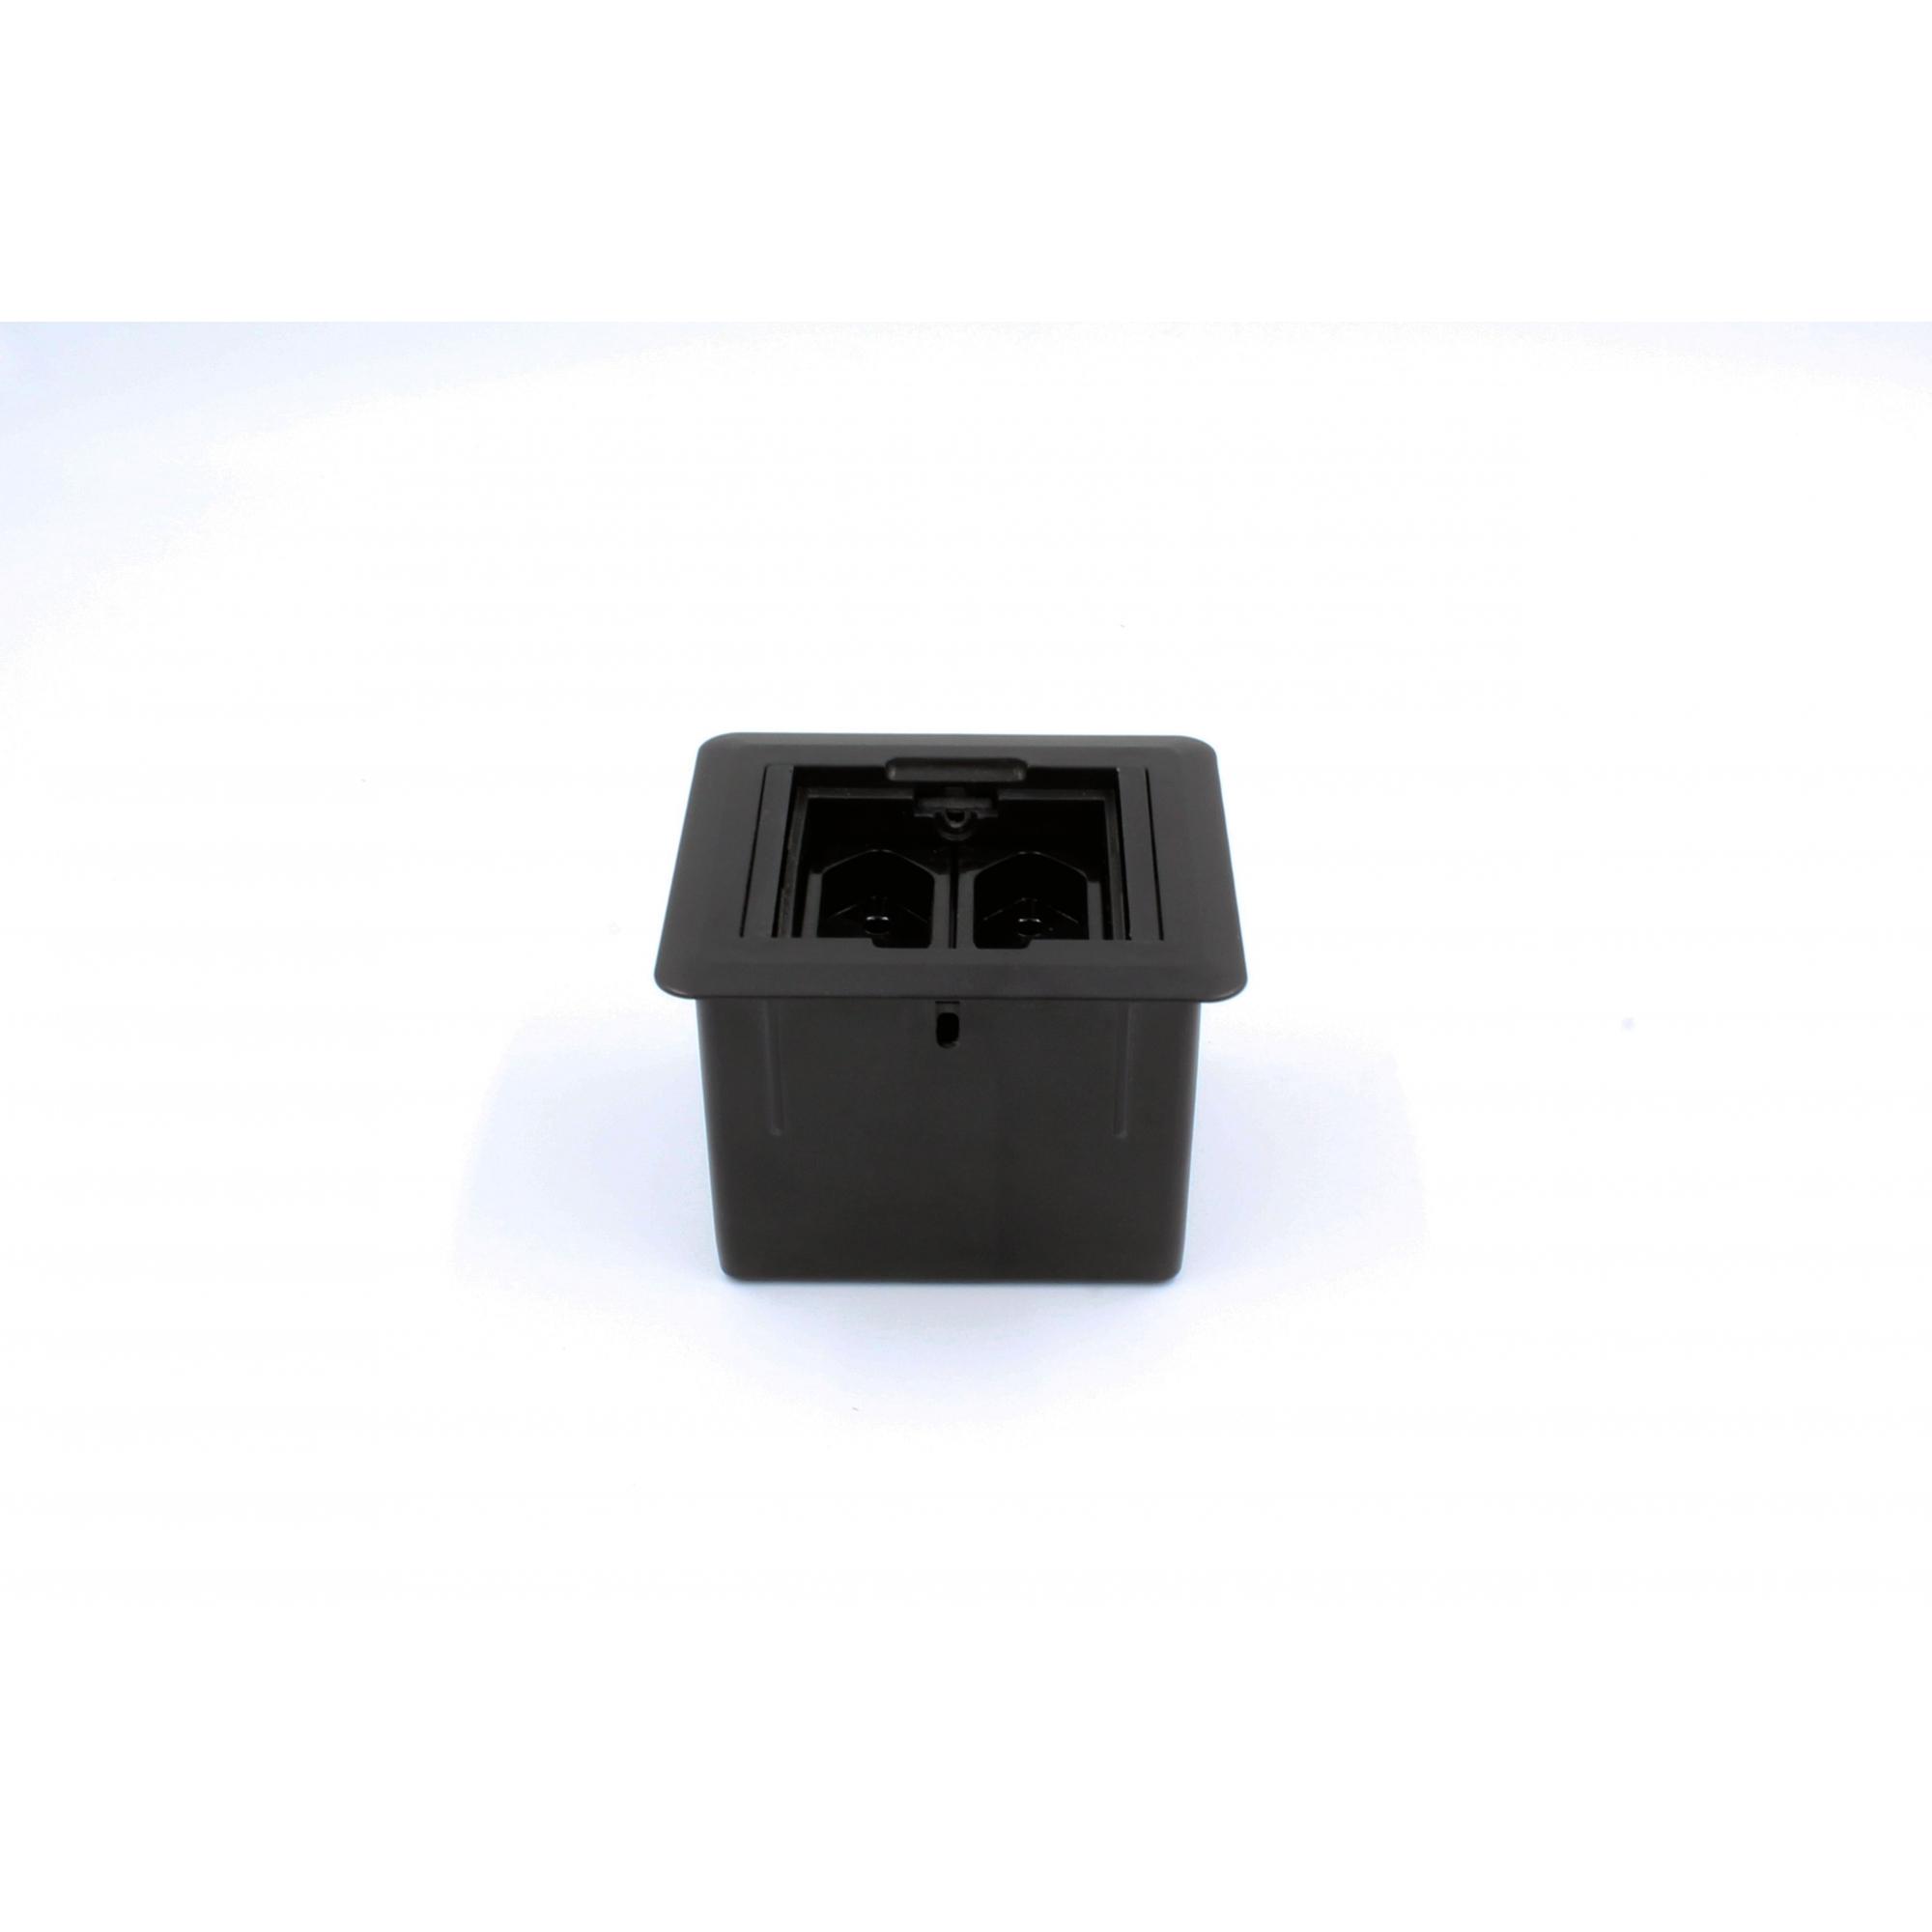 Caixa Universal Quadrada 2 blocos Com Fundo - Preto (Vazia)